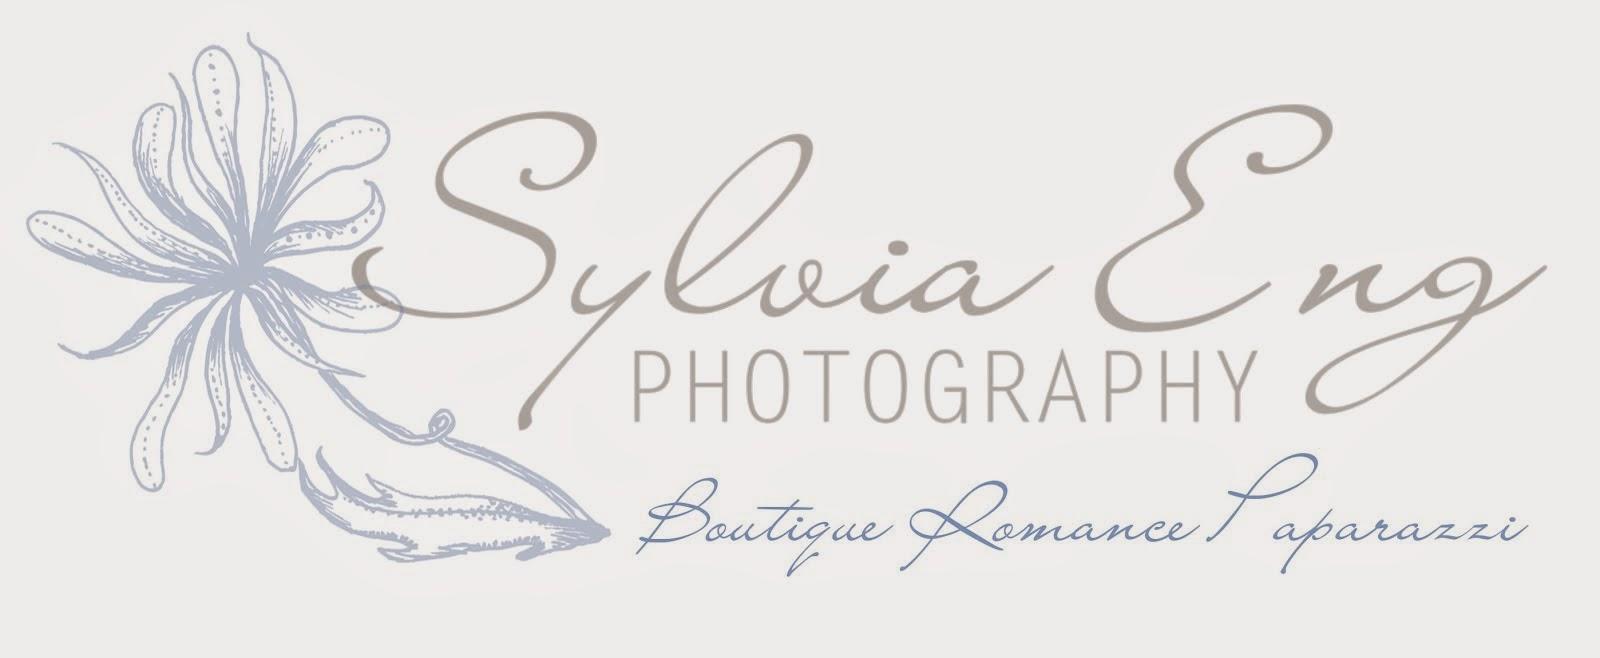 Sylvia Eng Photography